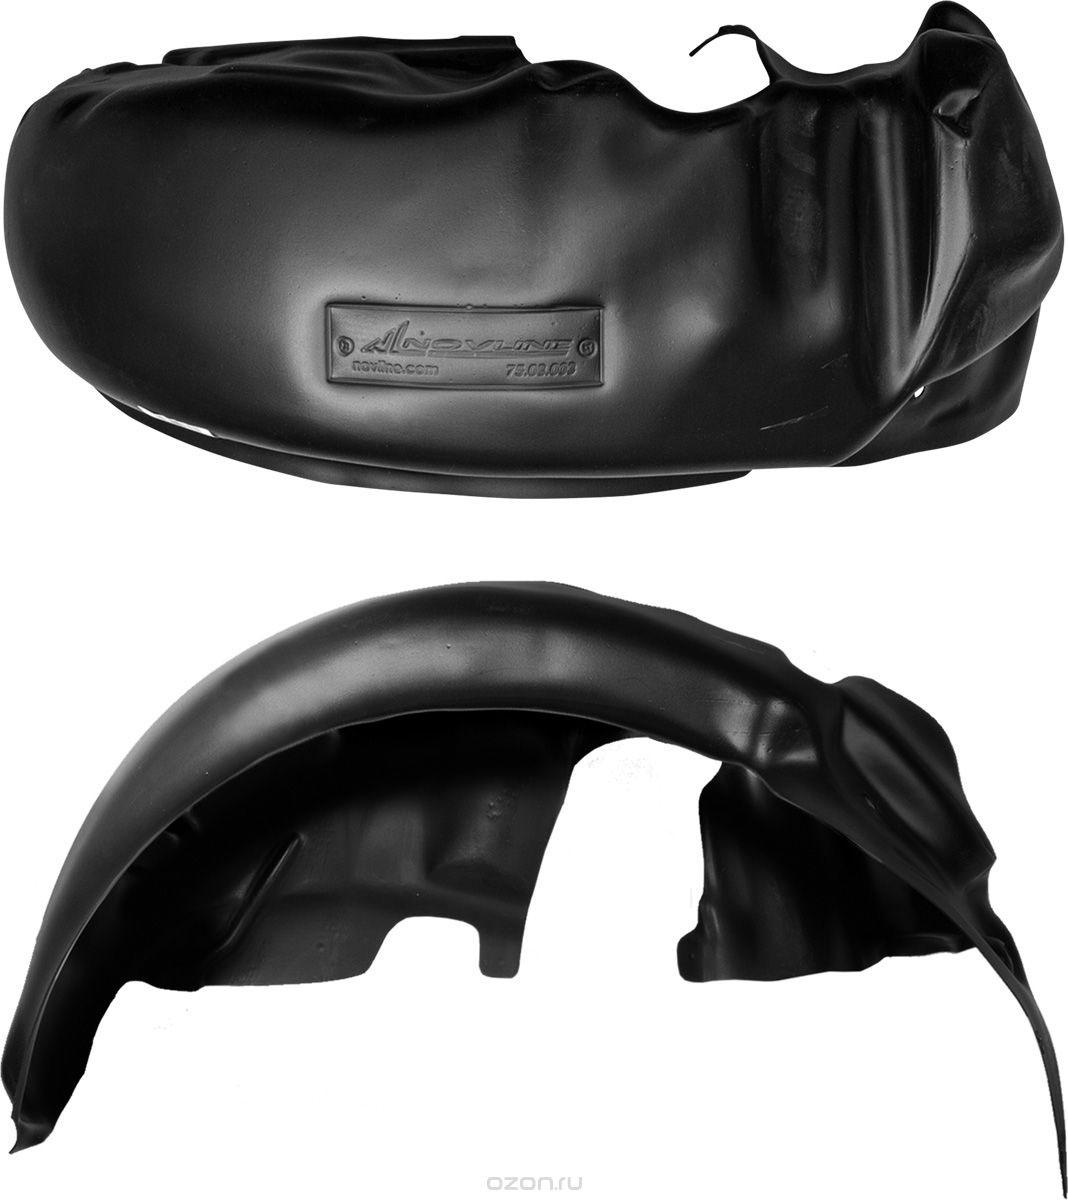 Подкрылок Novline-Autofamily, для FAW Vita 2006->, задний левыйNLL.62.09.003Идеальная защита колесной ниши. Локеры разработаны с применением цифровых технологий, гарантируют максимальную повторяемость поверхности арки. Изделия устанавливаются без нарушения лакокрасочного покрытия автомобиля, каждый подкрылок комплектуется крепежом. Уважаемые клиенты, обращаем ваше внимание, что фотографии на подкрылки универсальные и не отражают реальную форму изделия. При этом само изделие идет точно под размер указанного автомобиля.